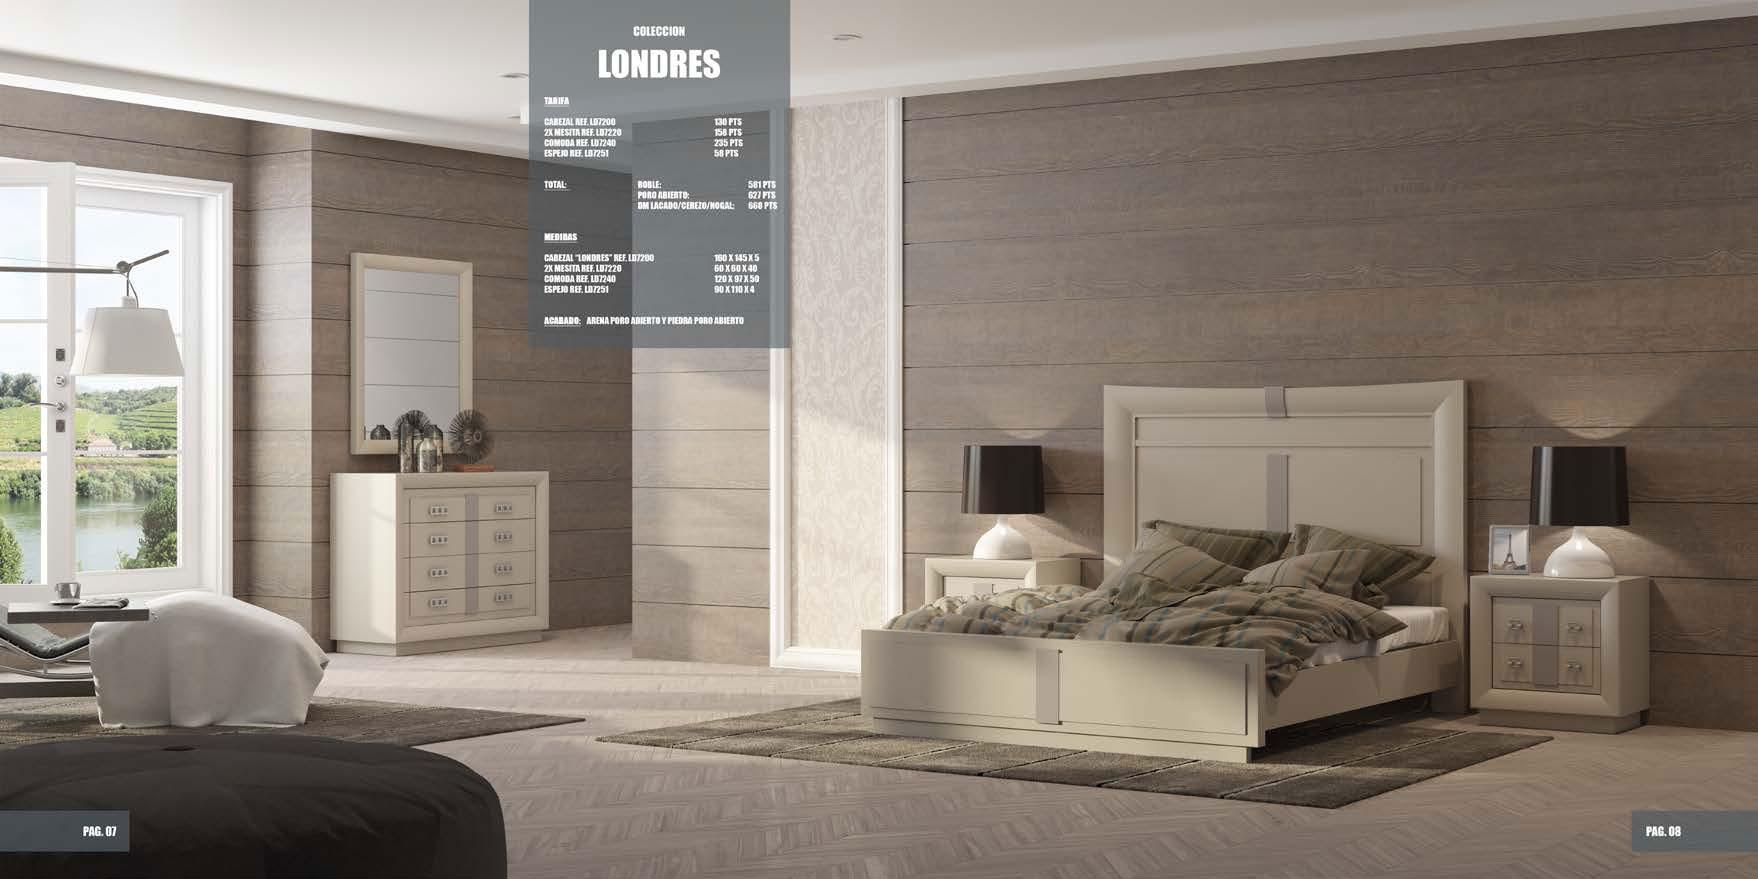 londres-dormitorio-02